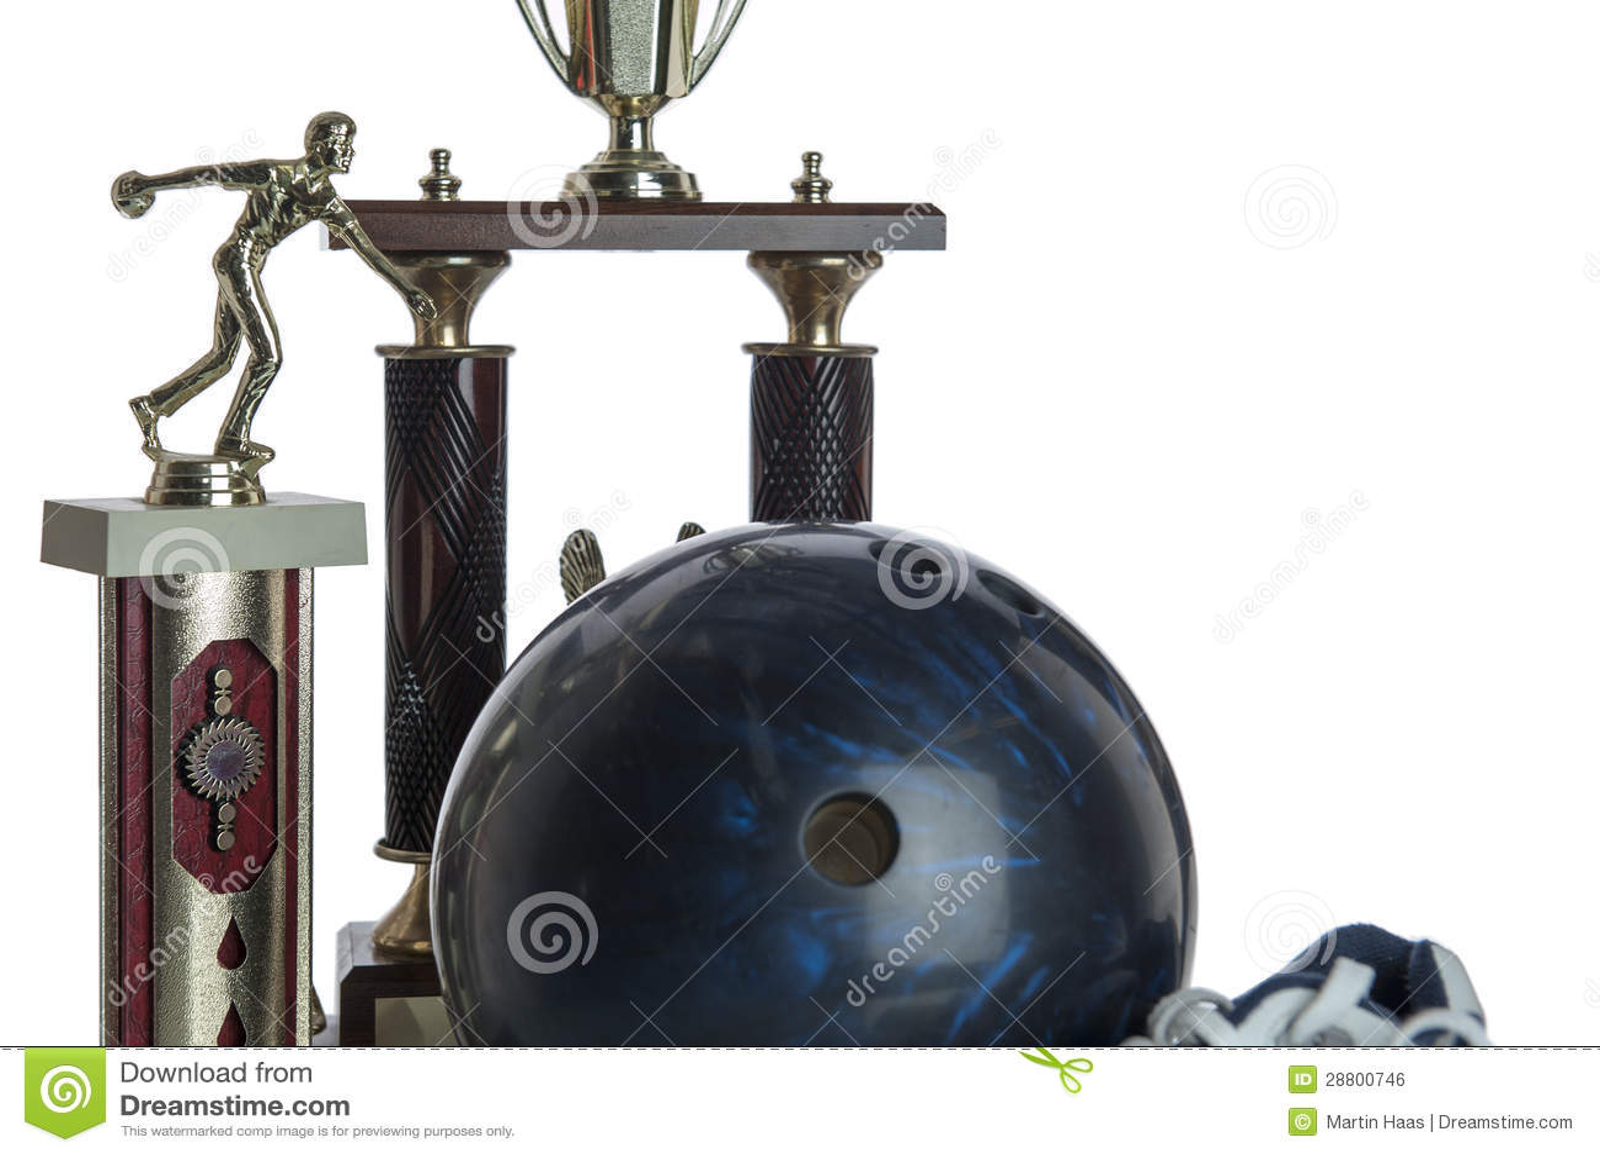 De bal van het kegelen schoenen en tropies royalty vrije stock afbeelding beeld 28800746 - Sterke witte werpen en de bal ...